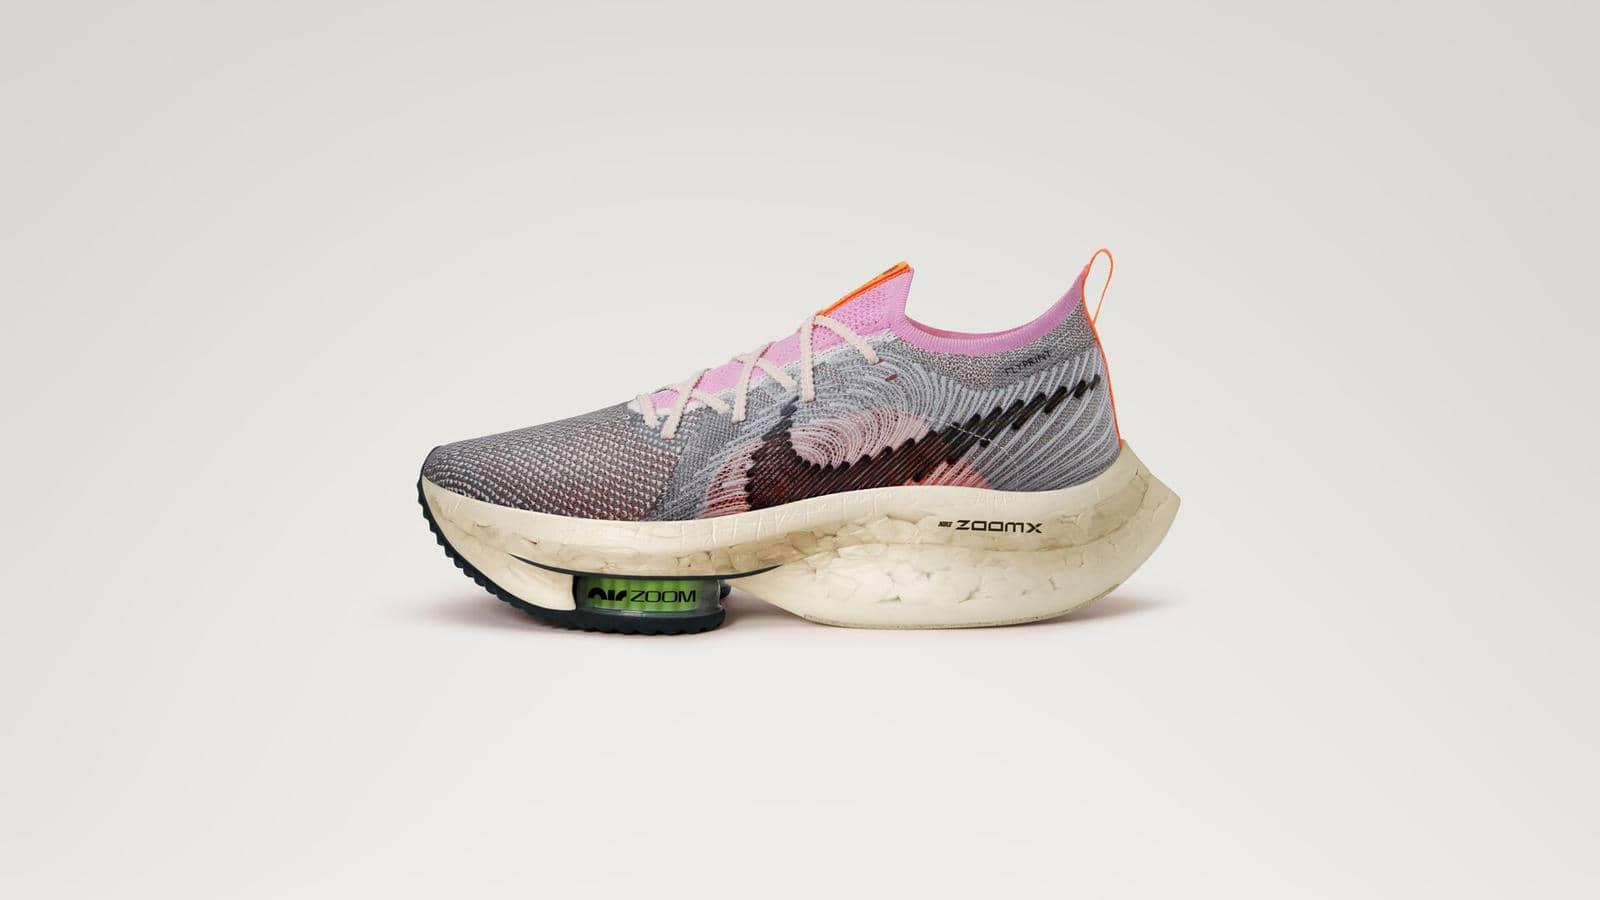 在應對裁片利用率、回收邊角料及重塑已有材料的問題上, Nike Air Zoom Alphafly Next Nature 無疑是Nike迄今為止極具可迴圈設計理念的產品,所用再生材料的重量占比至少達到 50%。